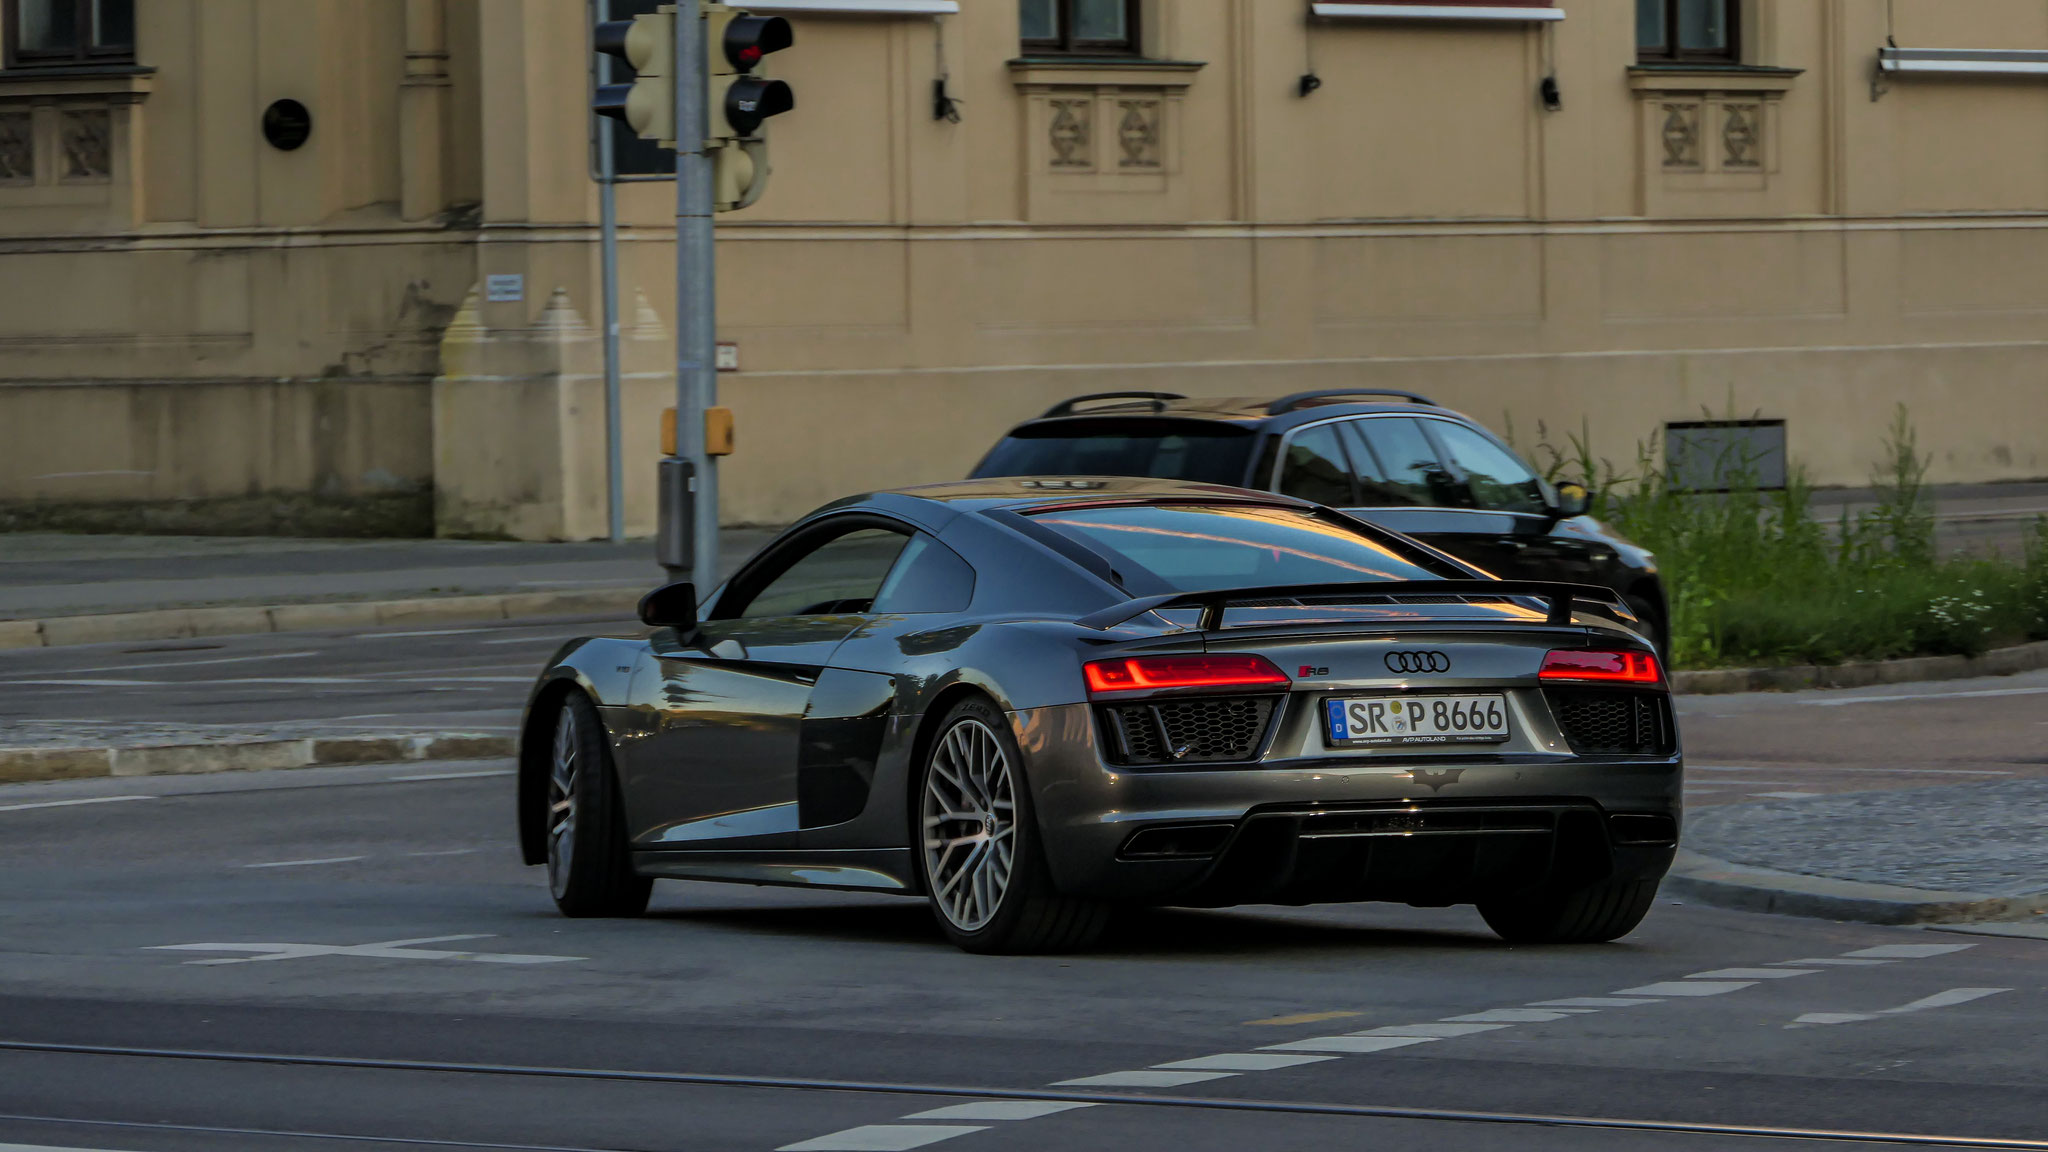 Audi R8 V10 - SR-P-8666